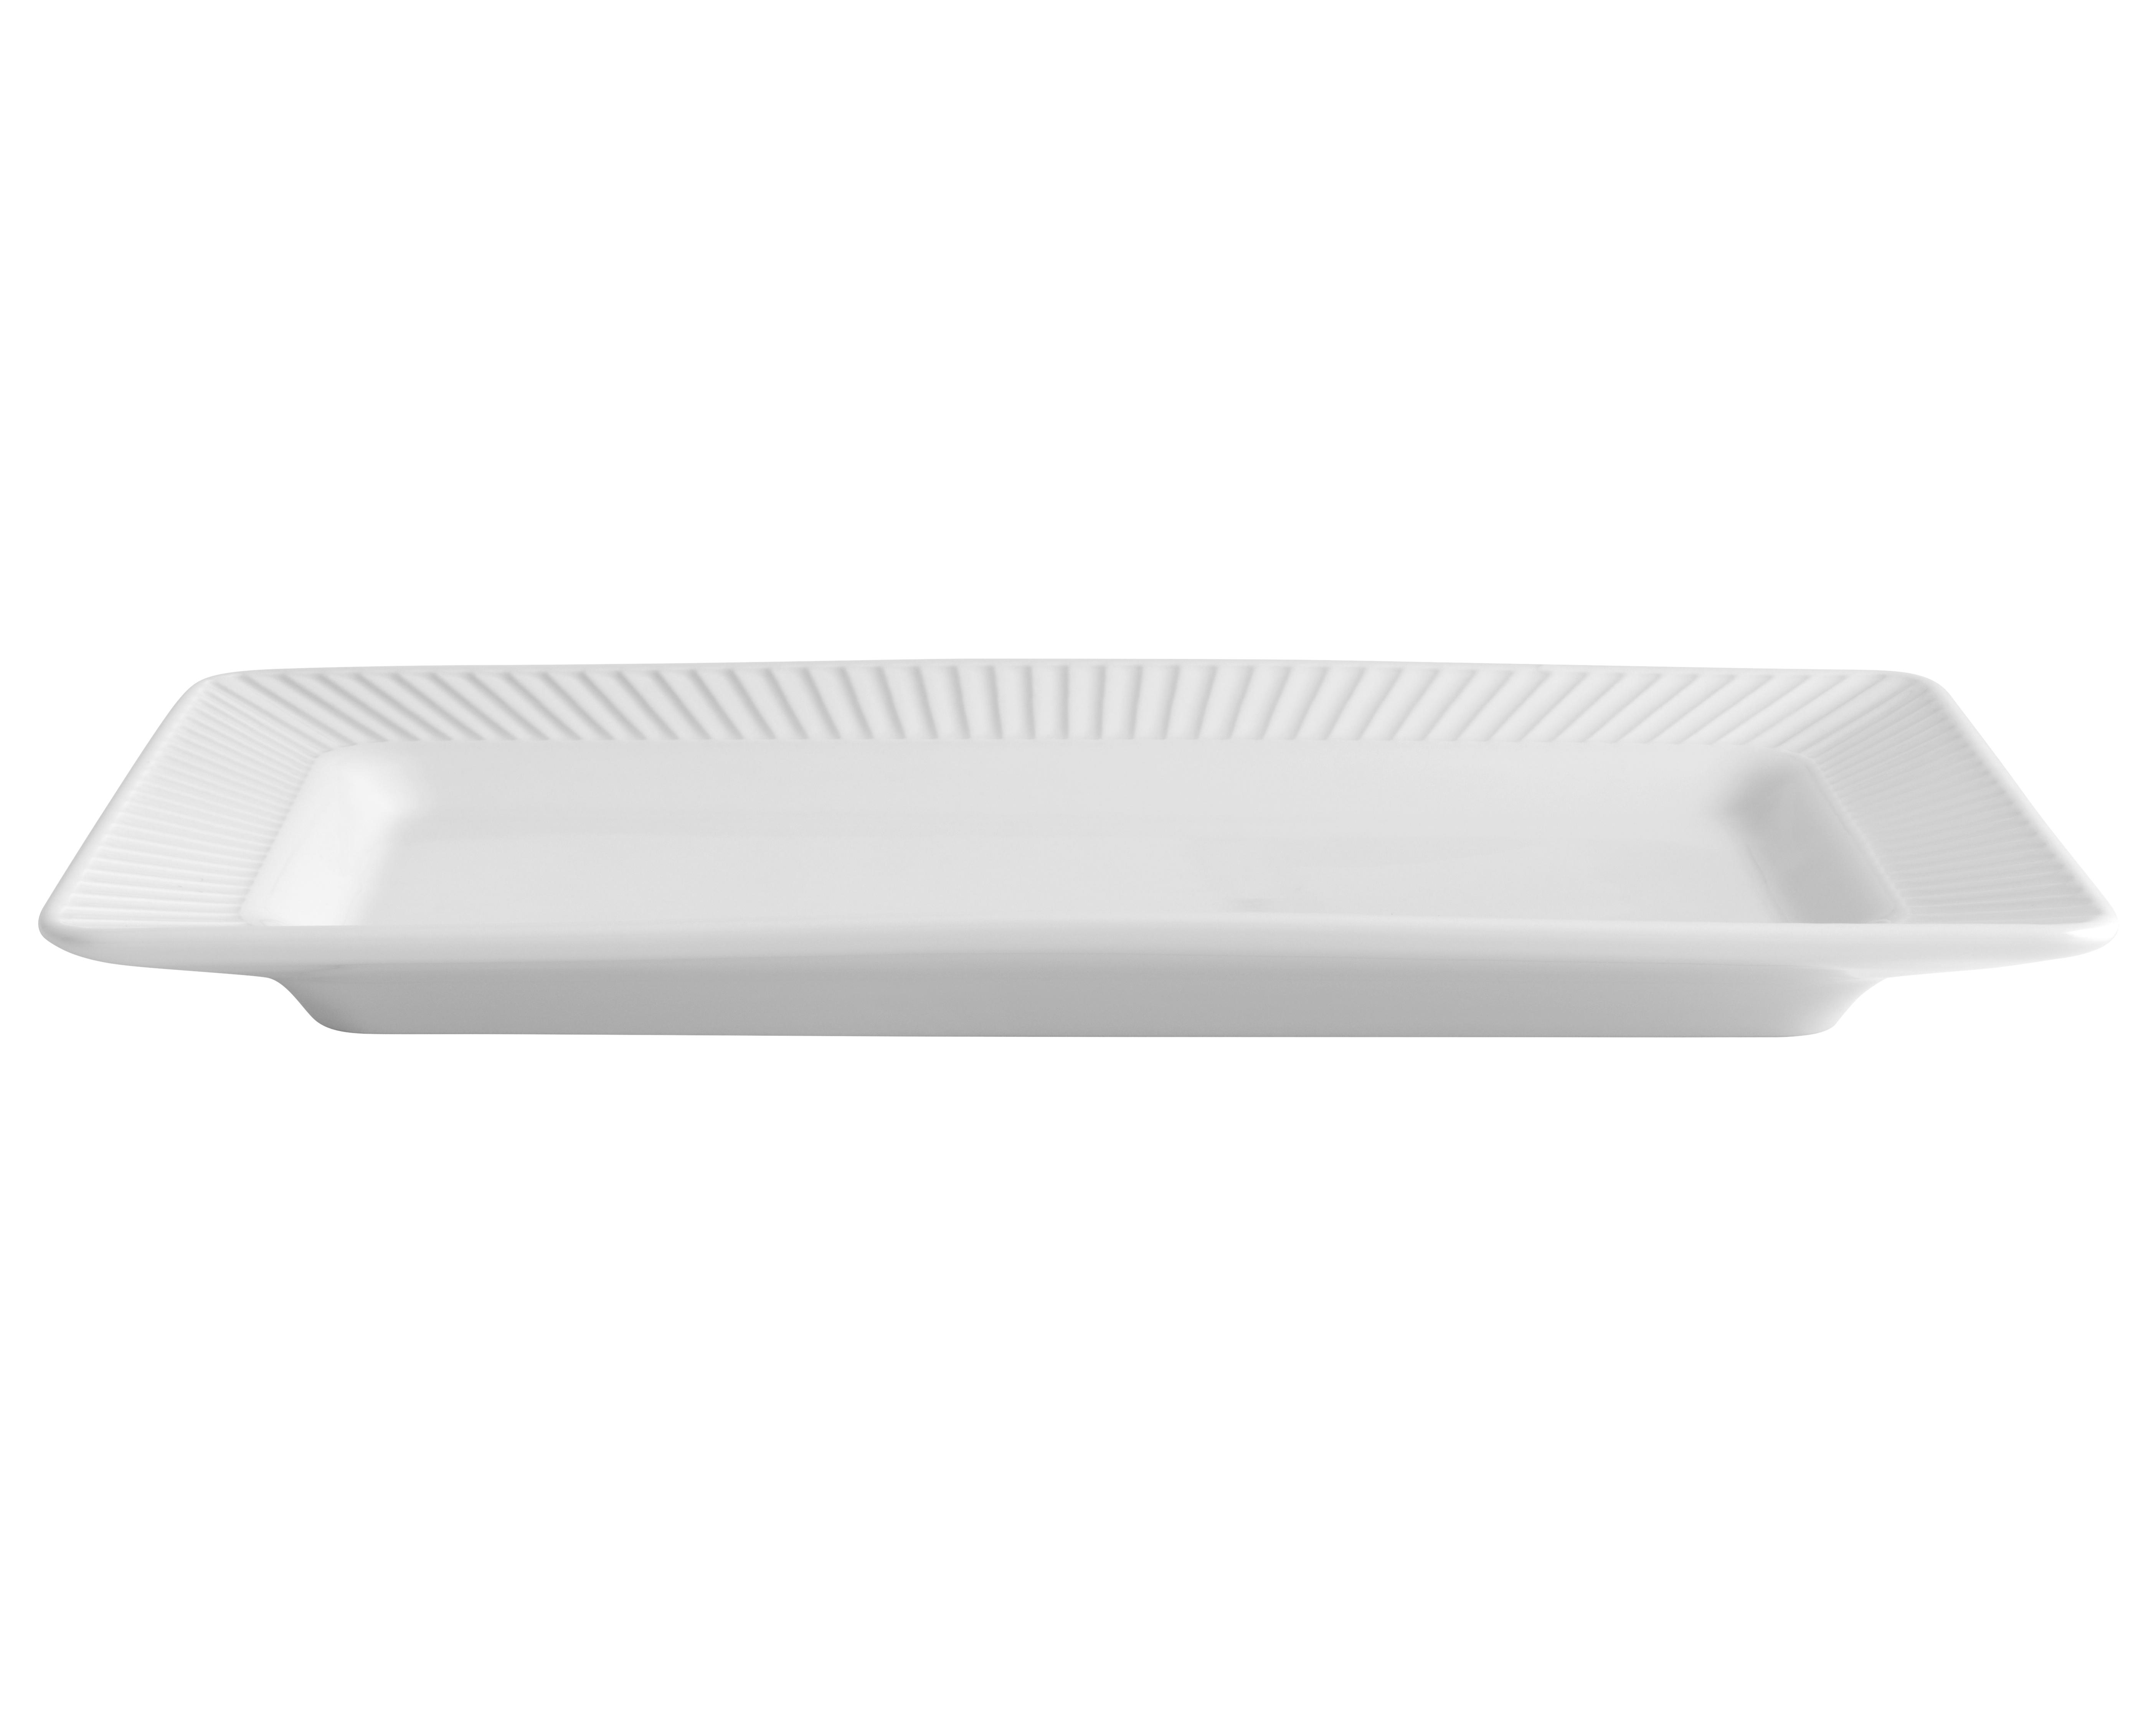 Pillivuyt - Plissé Rektangulert Dish 26 x 14 cm (224226)